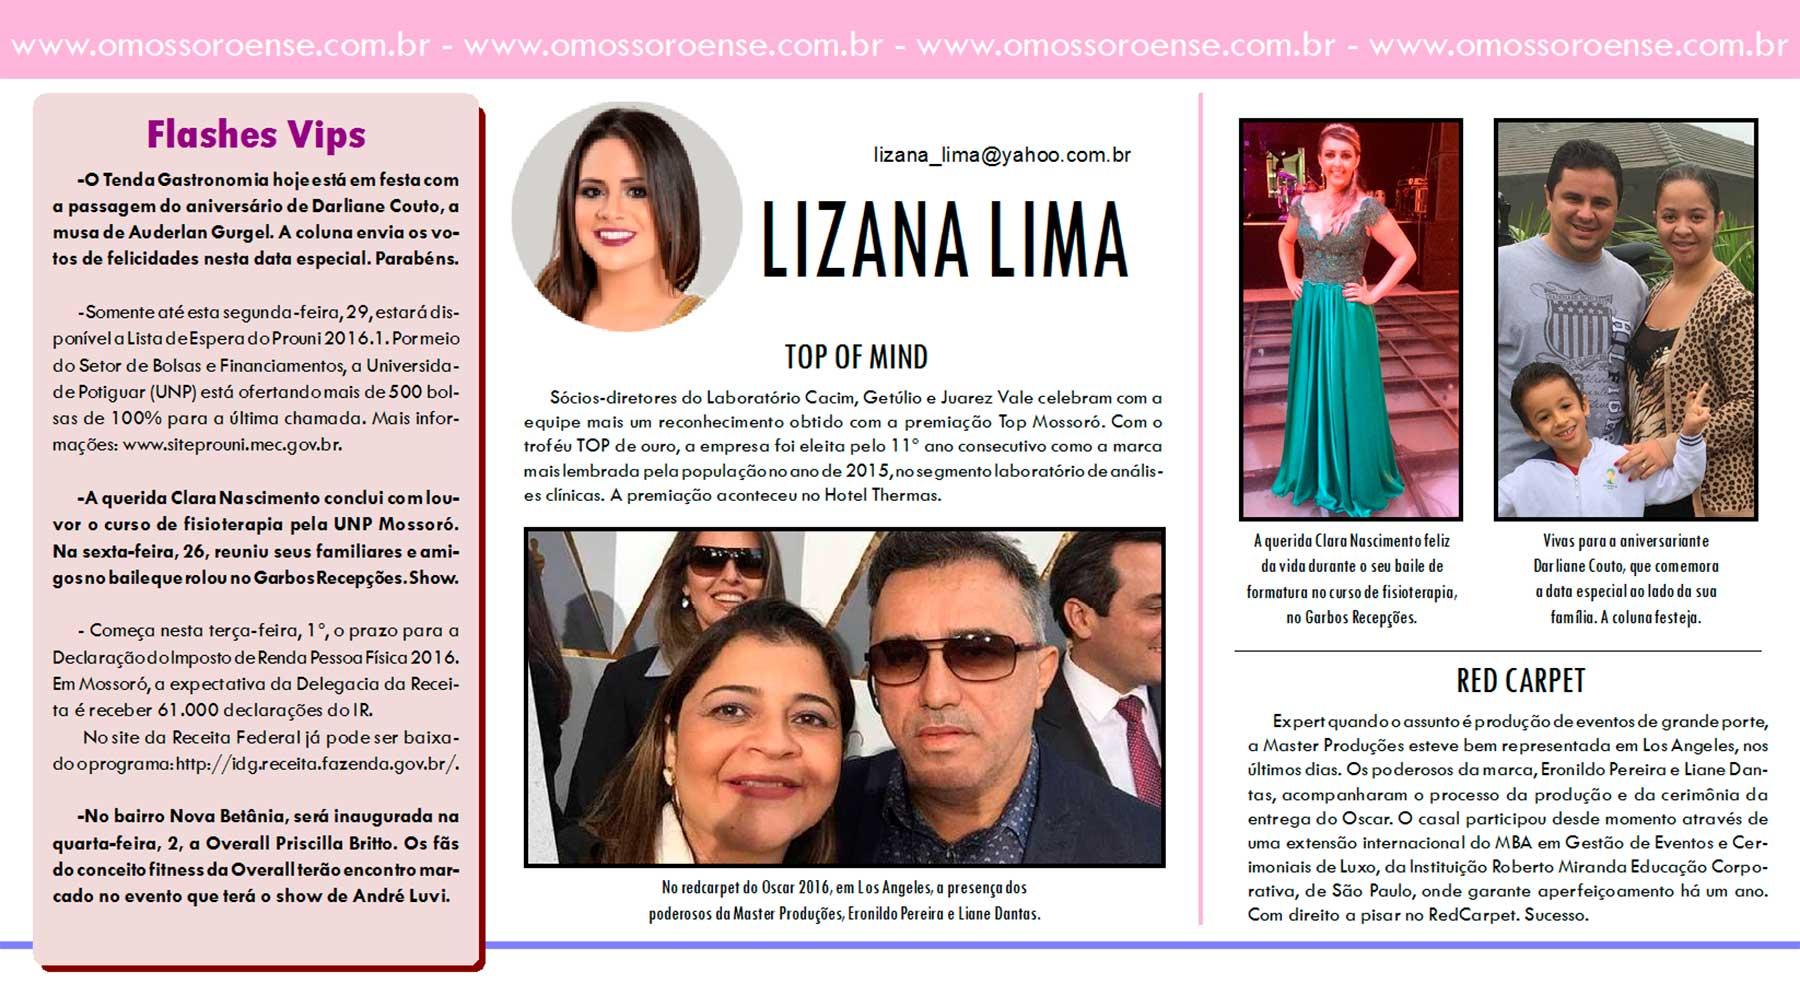 LIZANA-LIMA-29-02-16